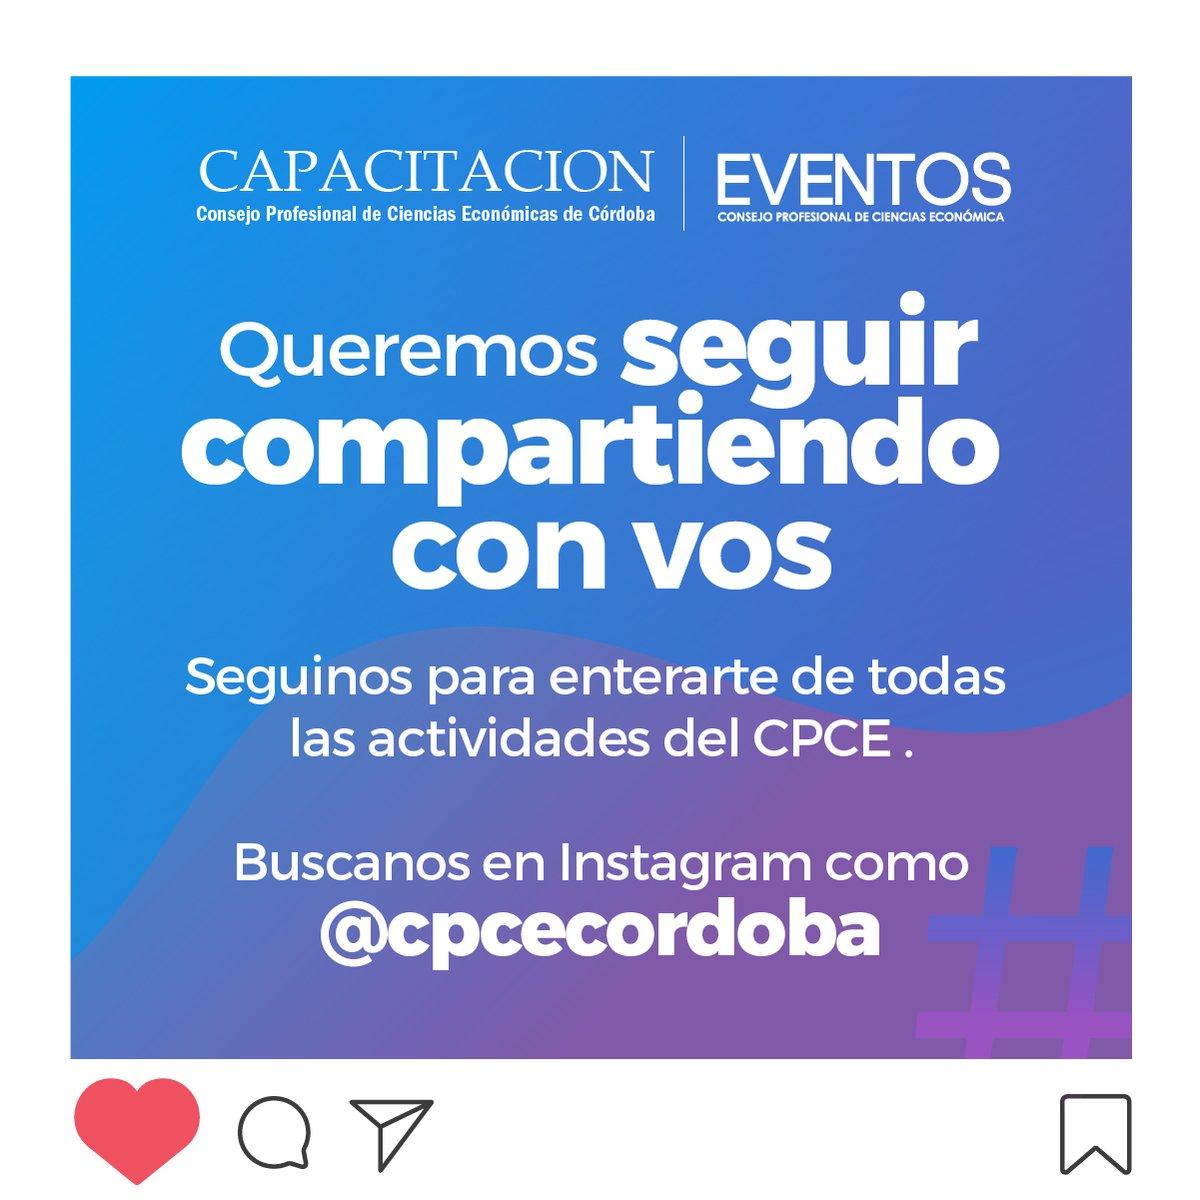 CPCE Córdoba @CPCECordoba: ¡Capacitaciones y Eventos del #CPCE tienen nuevo #instagram! Seguinos y enterate de todas las novedades ???? https://t.co/Ac1DRHLCgo https://t.co/RGMUmcGS2i